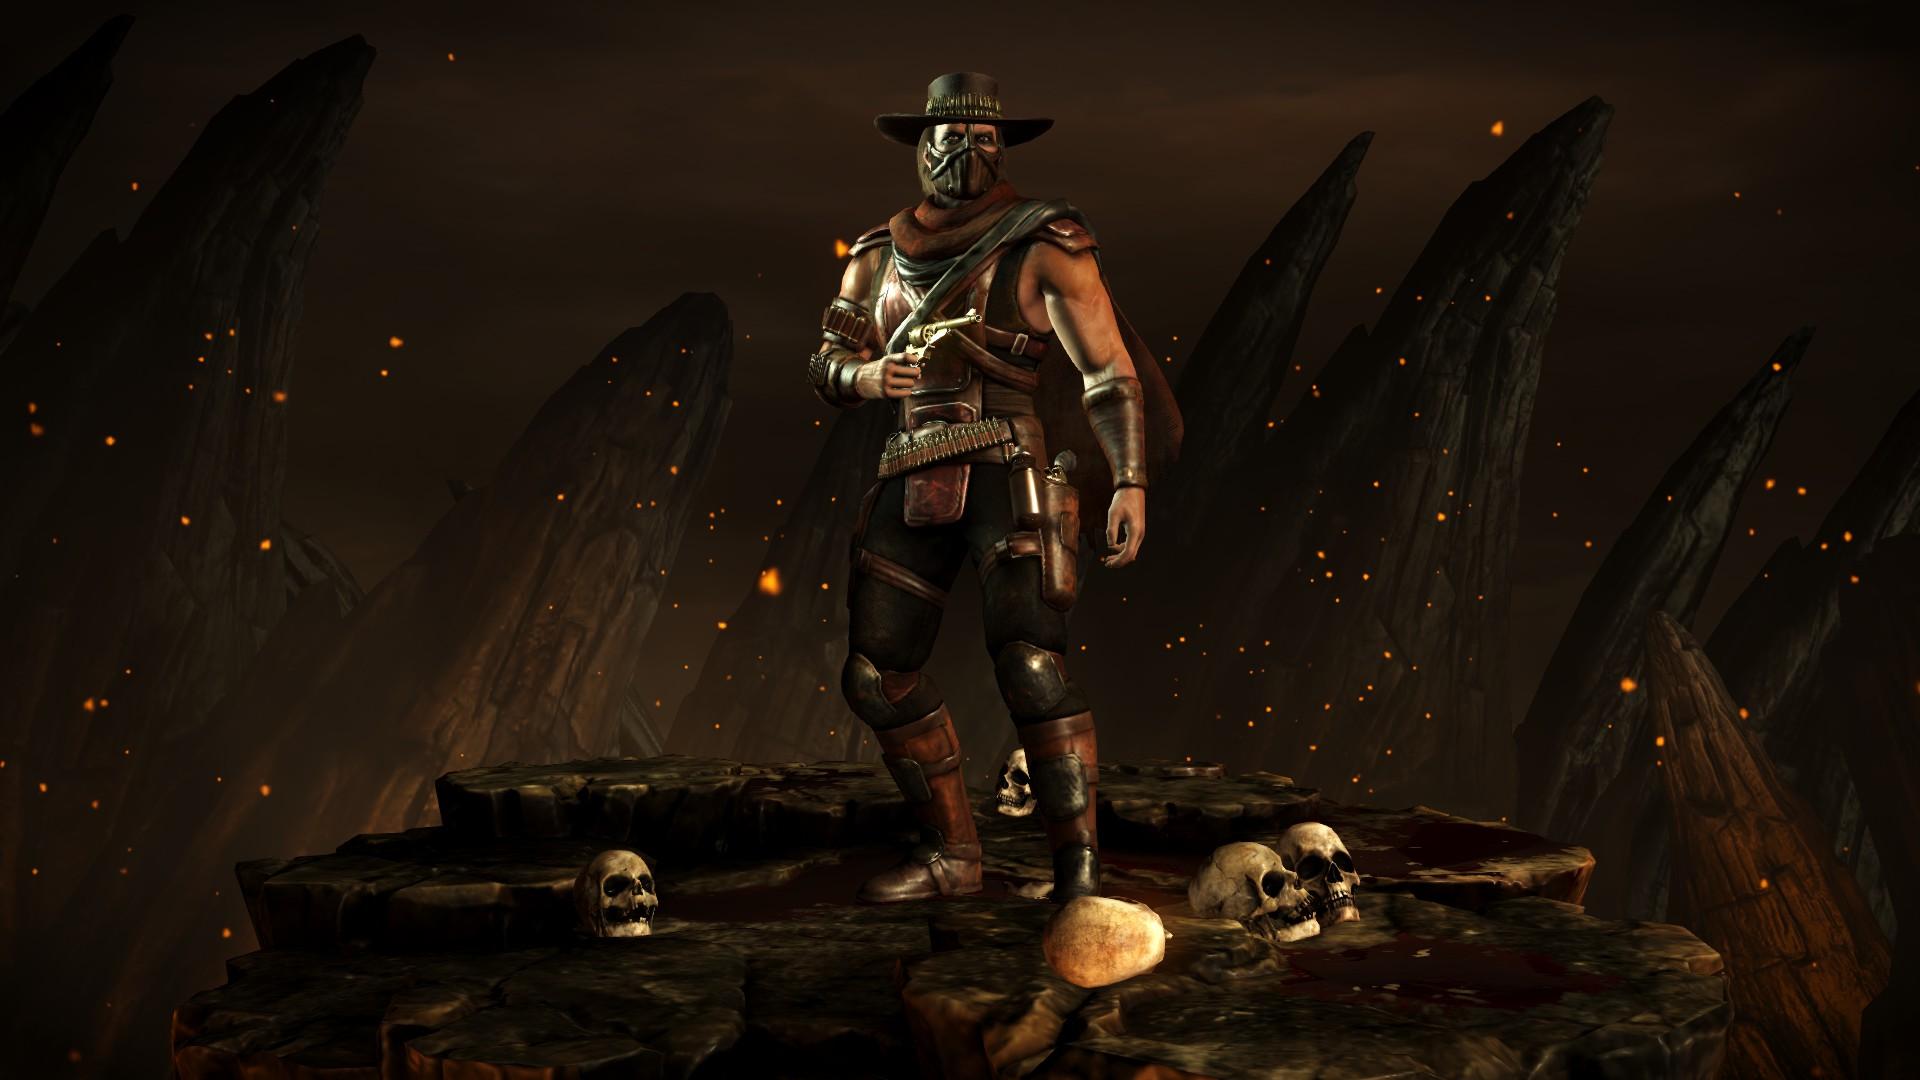 Эррон Блэк (Стиль: Стрелок) - Mortal Kombat X Эррон Блэк